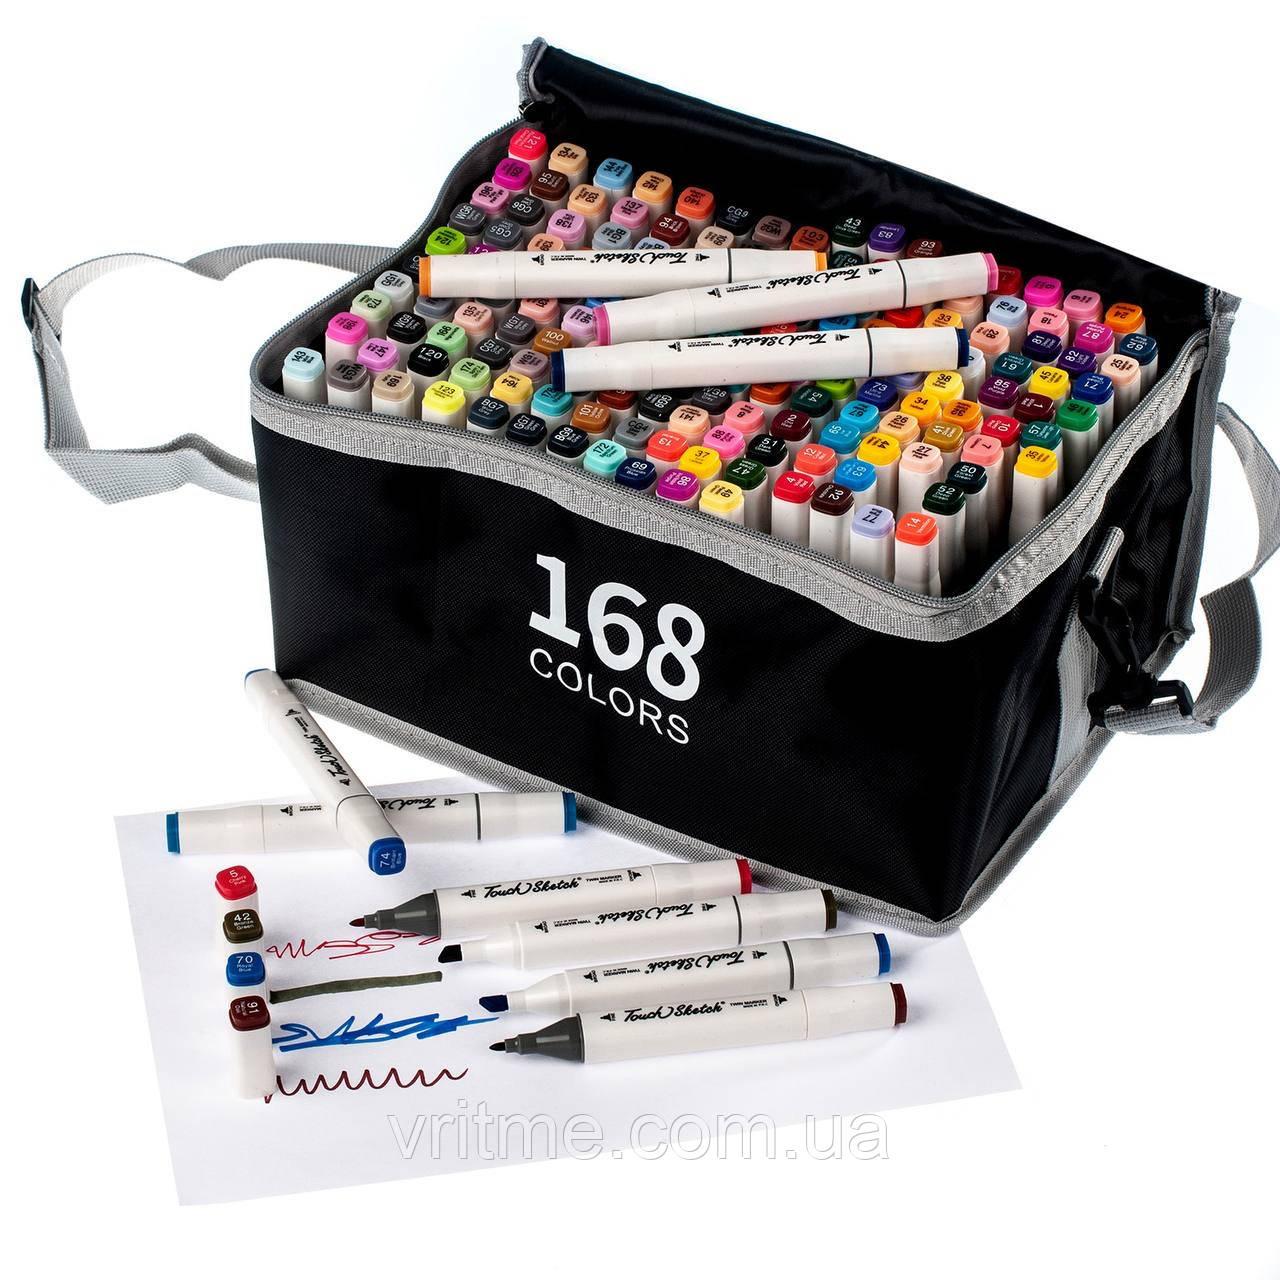 Набор маркеров для скетчинга, 168 цветов, спиртовые